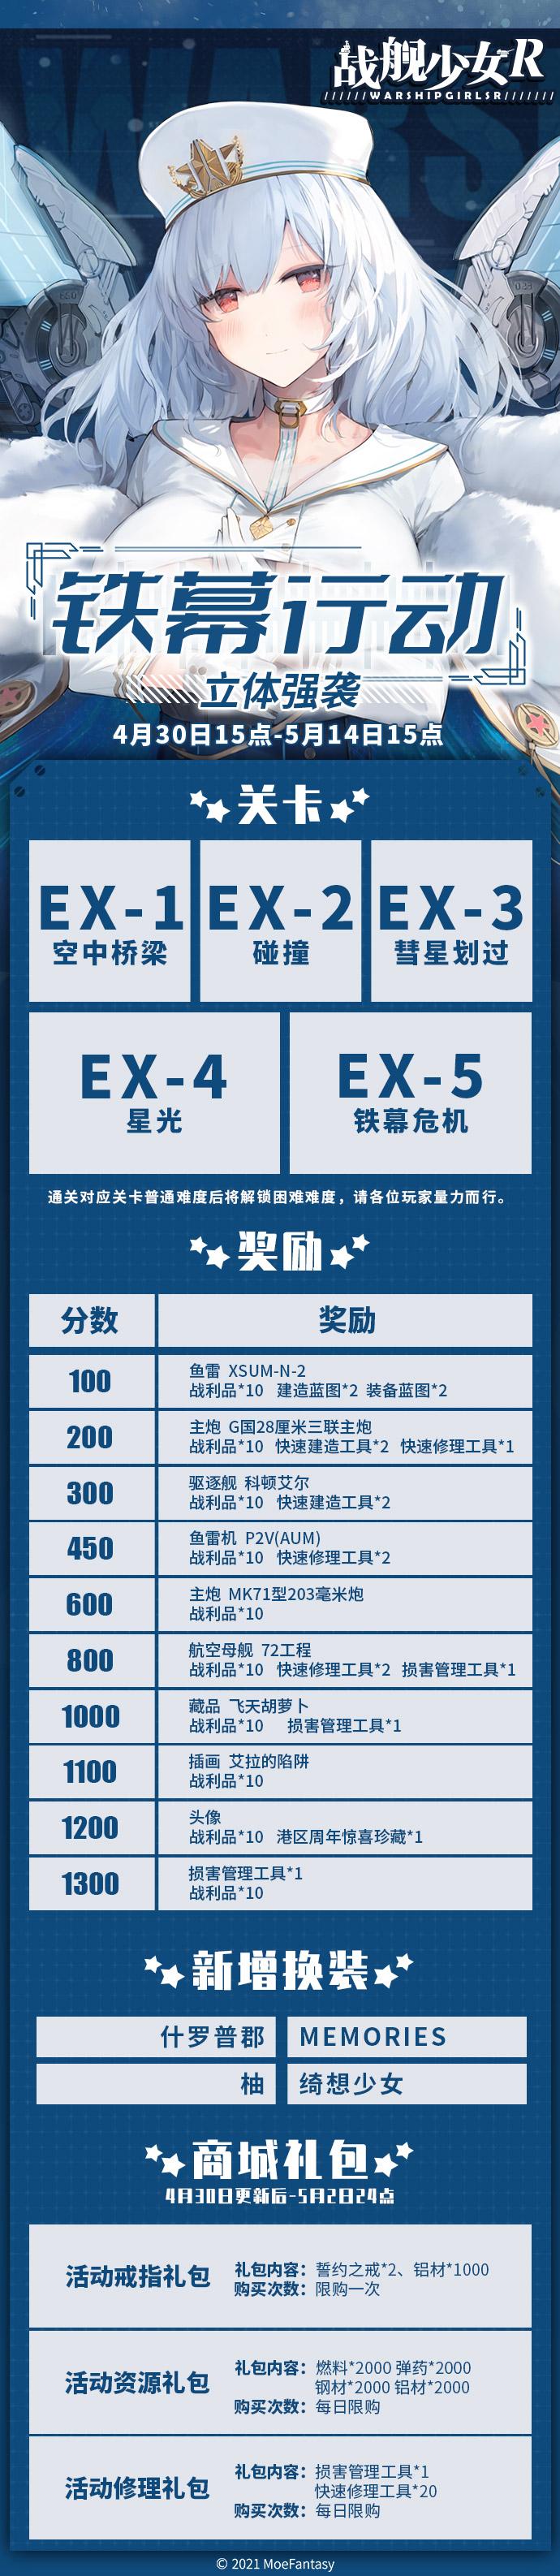 %E7%AB%8B%E4%BD%93%E5%BC%BA%E8%A2%AD.jpg